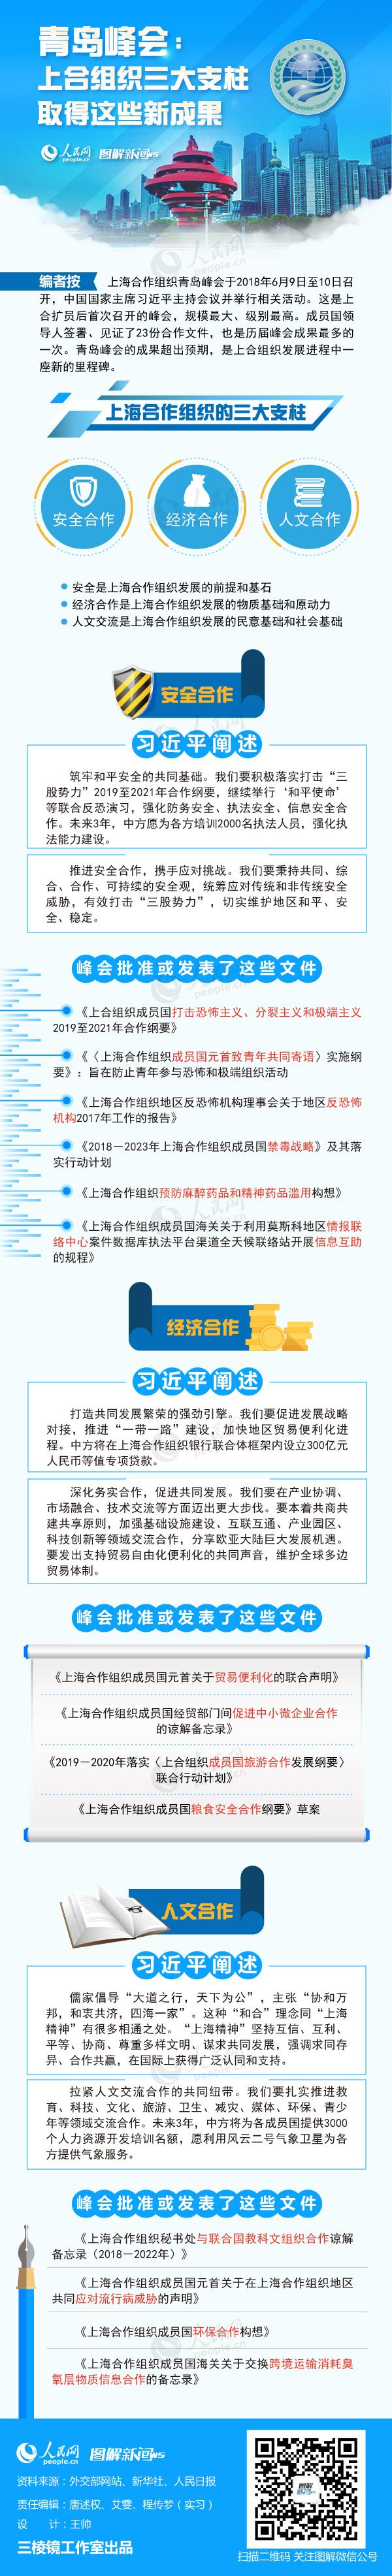 【图解】青岛峰会:上合组织三大支柱取得这些新成果